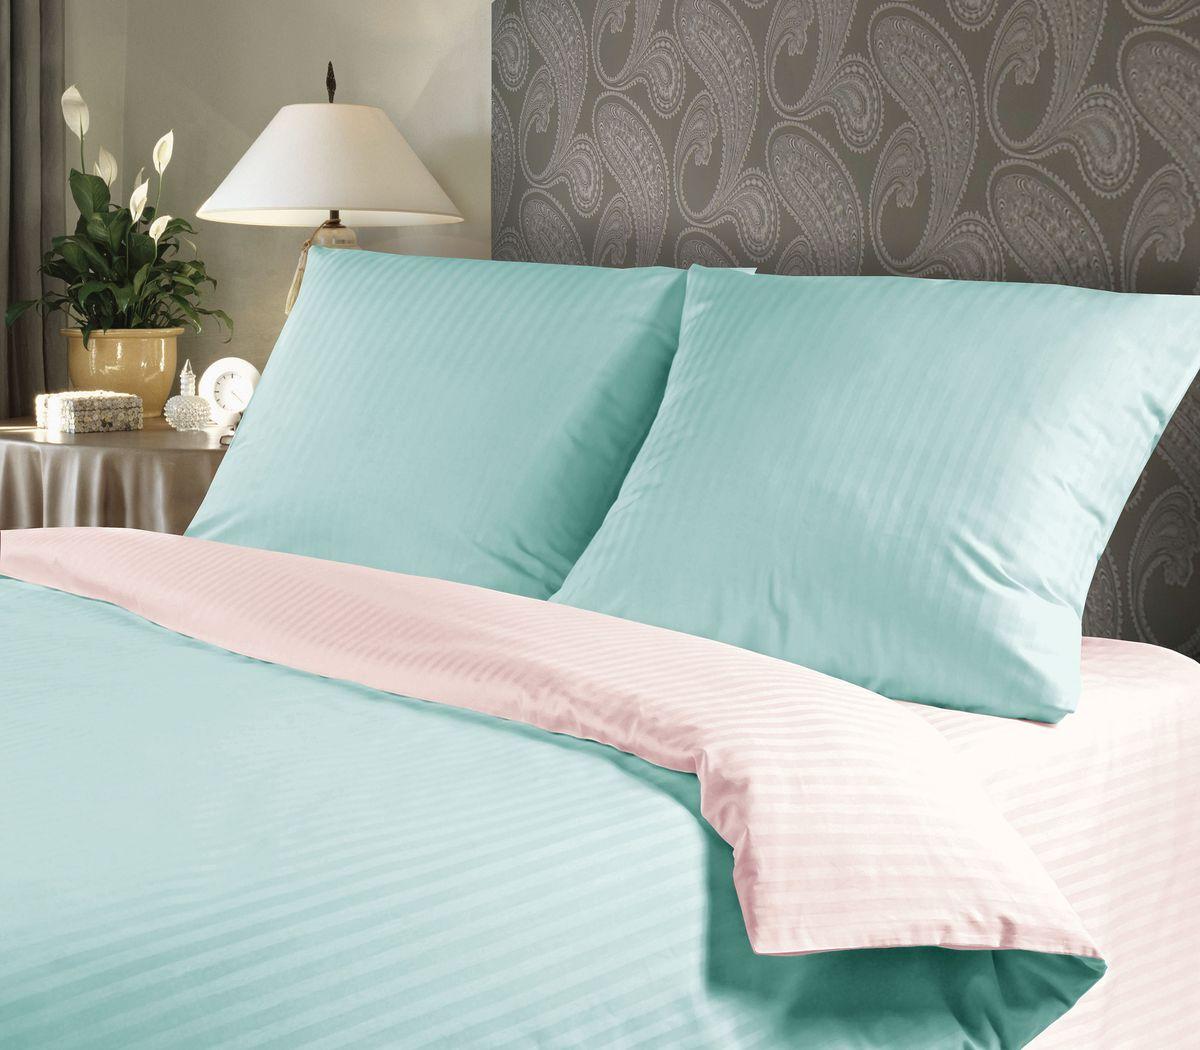 Комплект белья Verossa Sunset, 2-спальный, наволочки 70х70711214